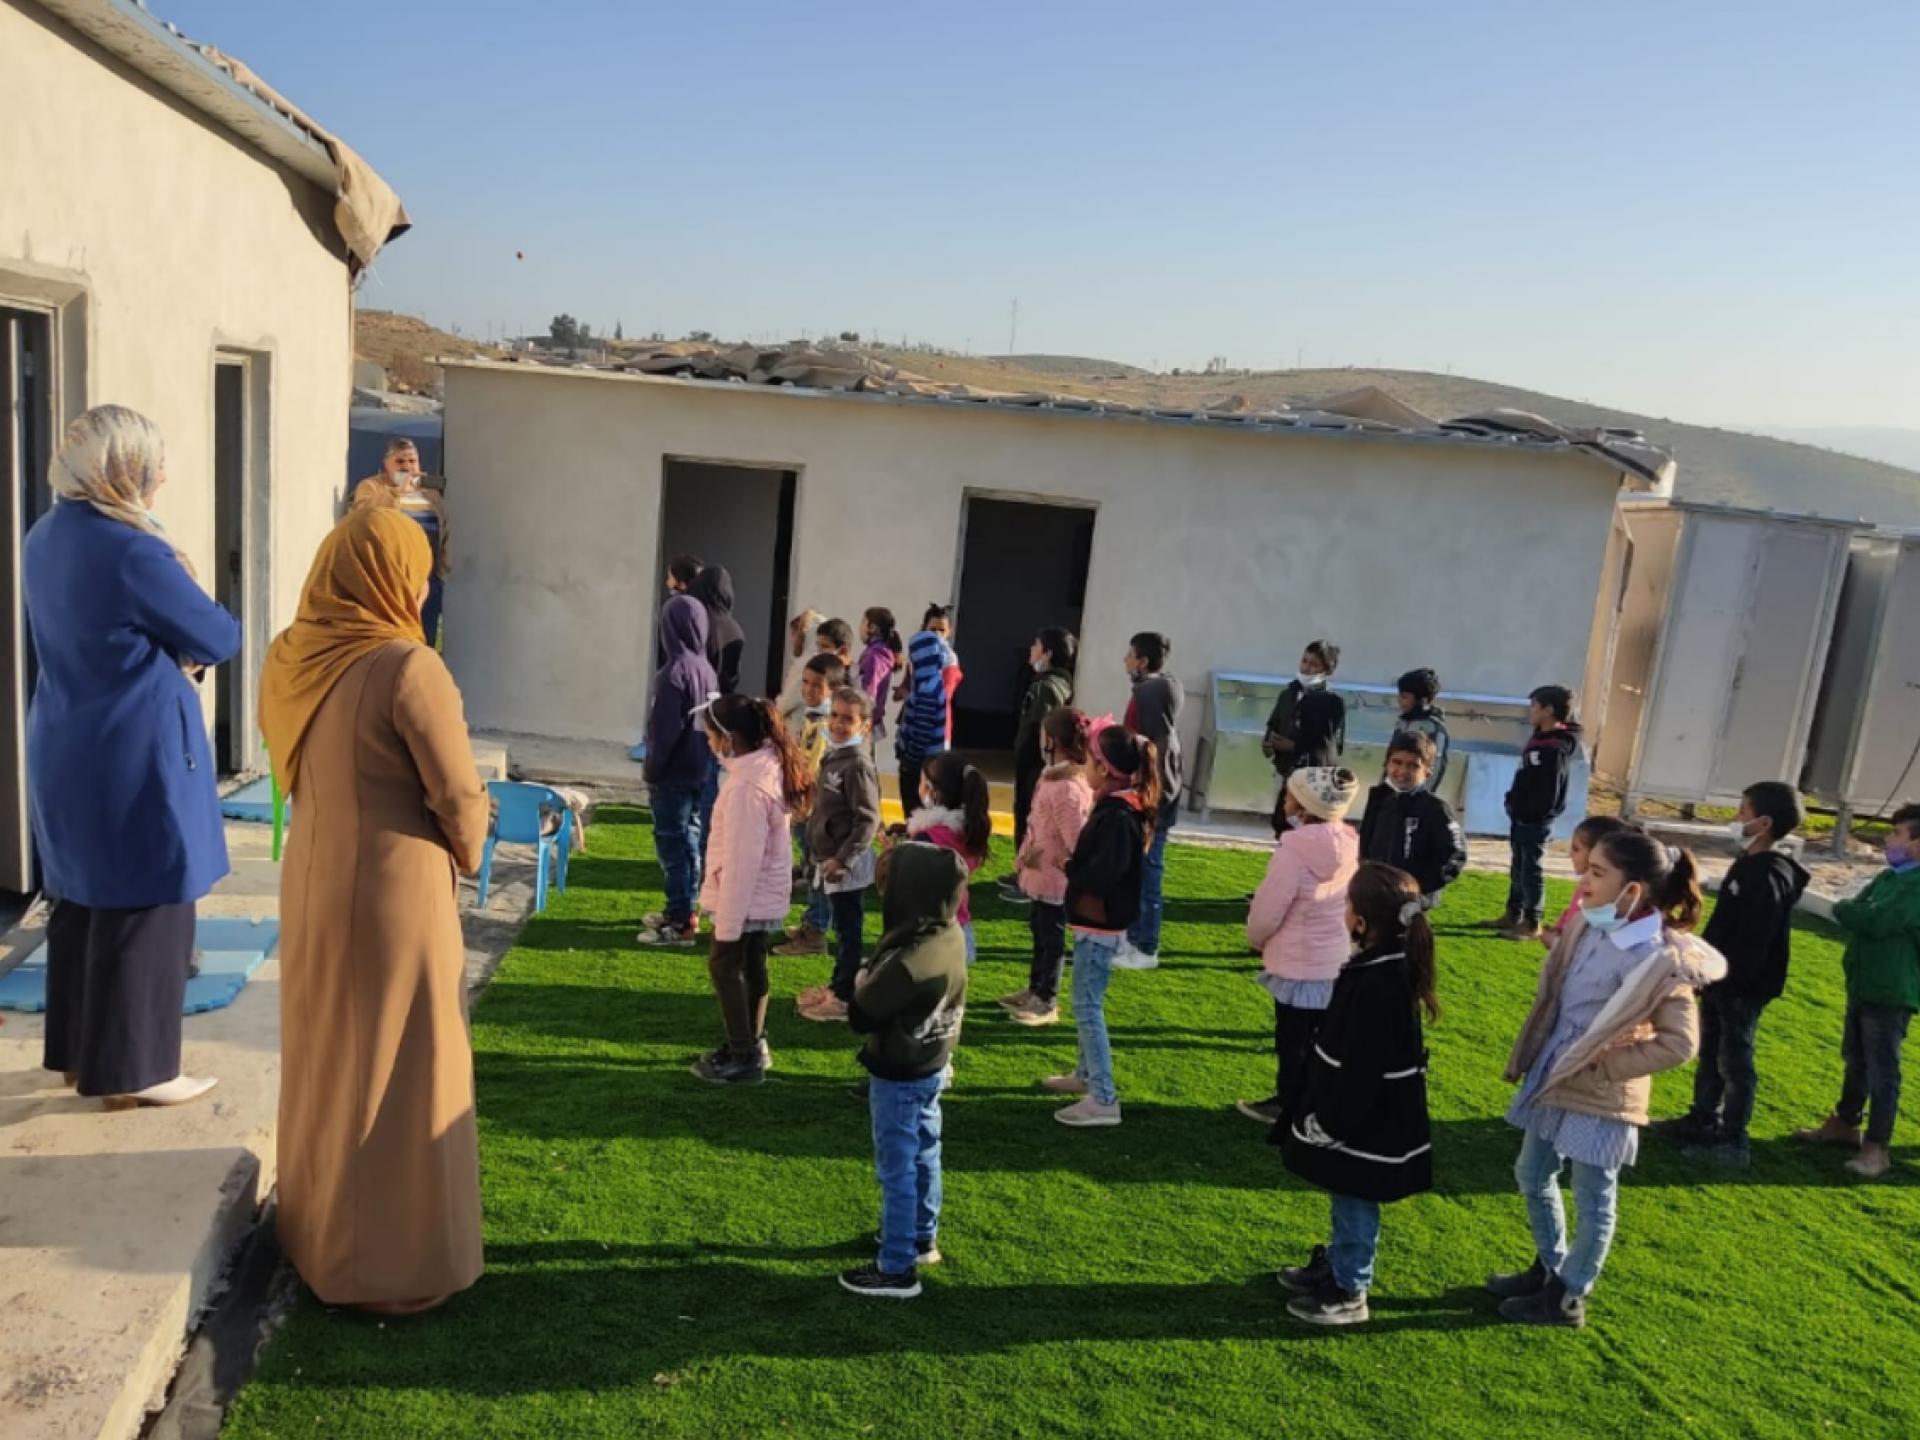 תלמידים משחקים בחצר בית ספר